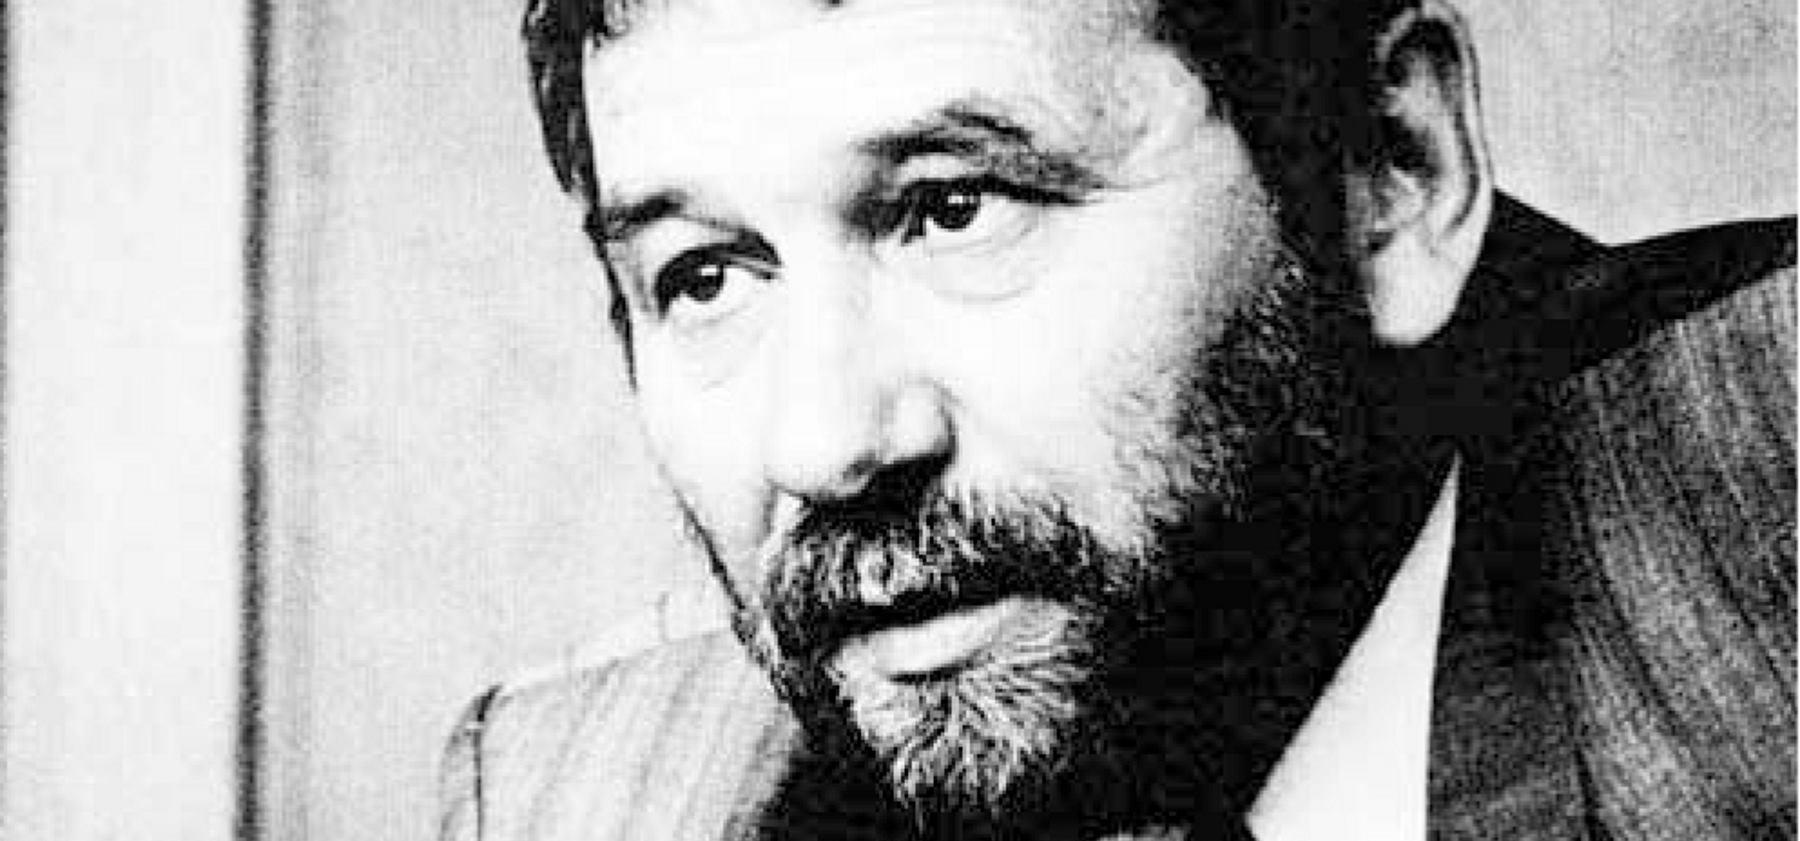 FELJTON: 'Tuđman je vjerovao Kadijeviću da neće biti rata'